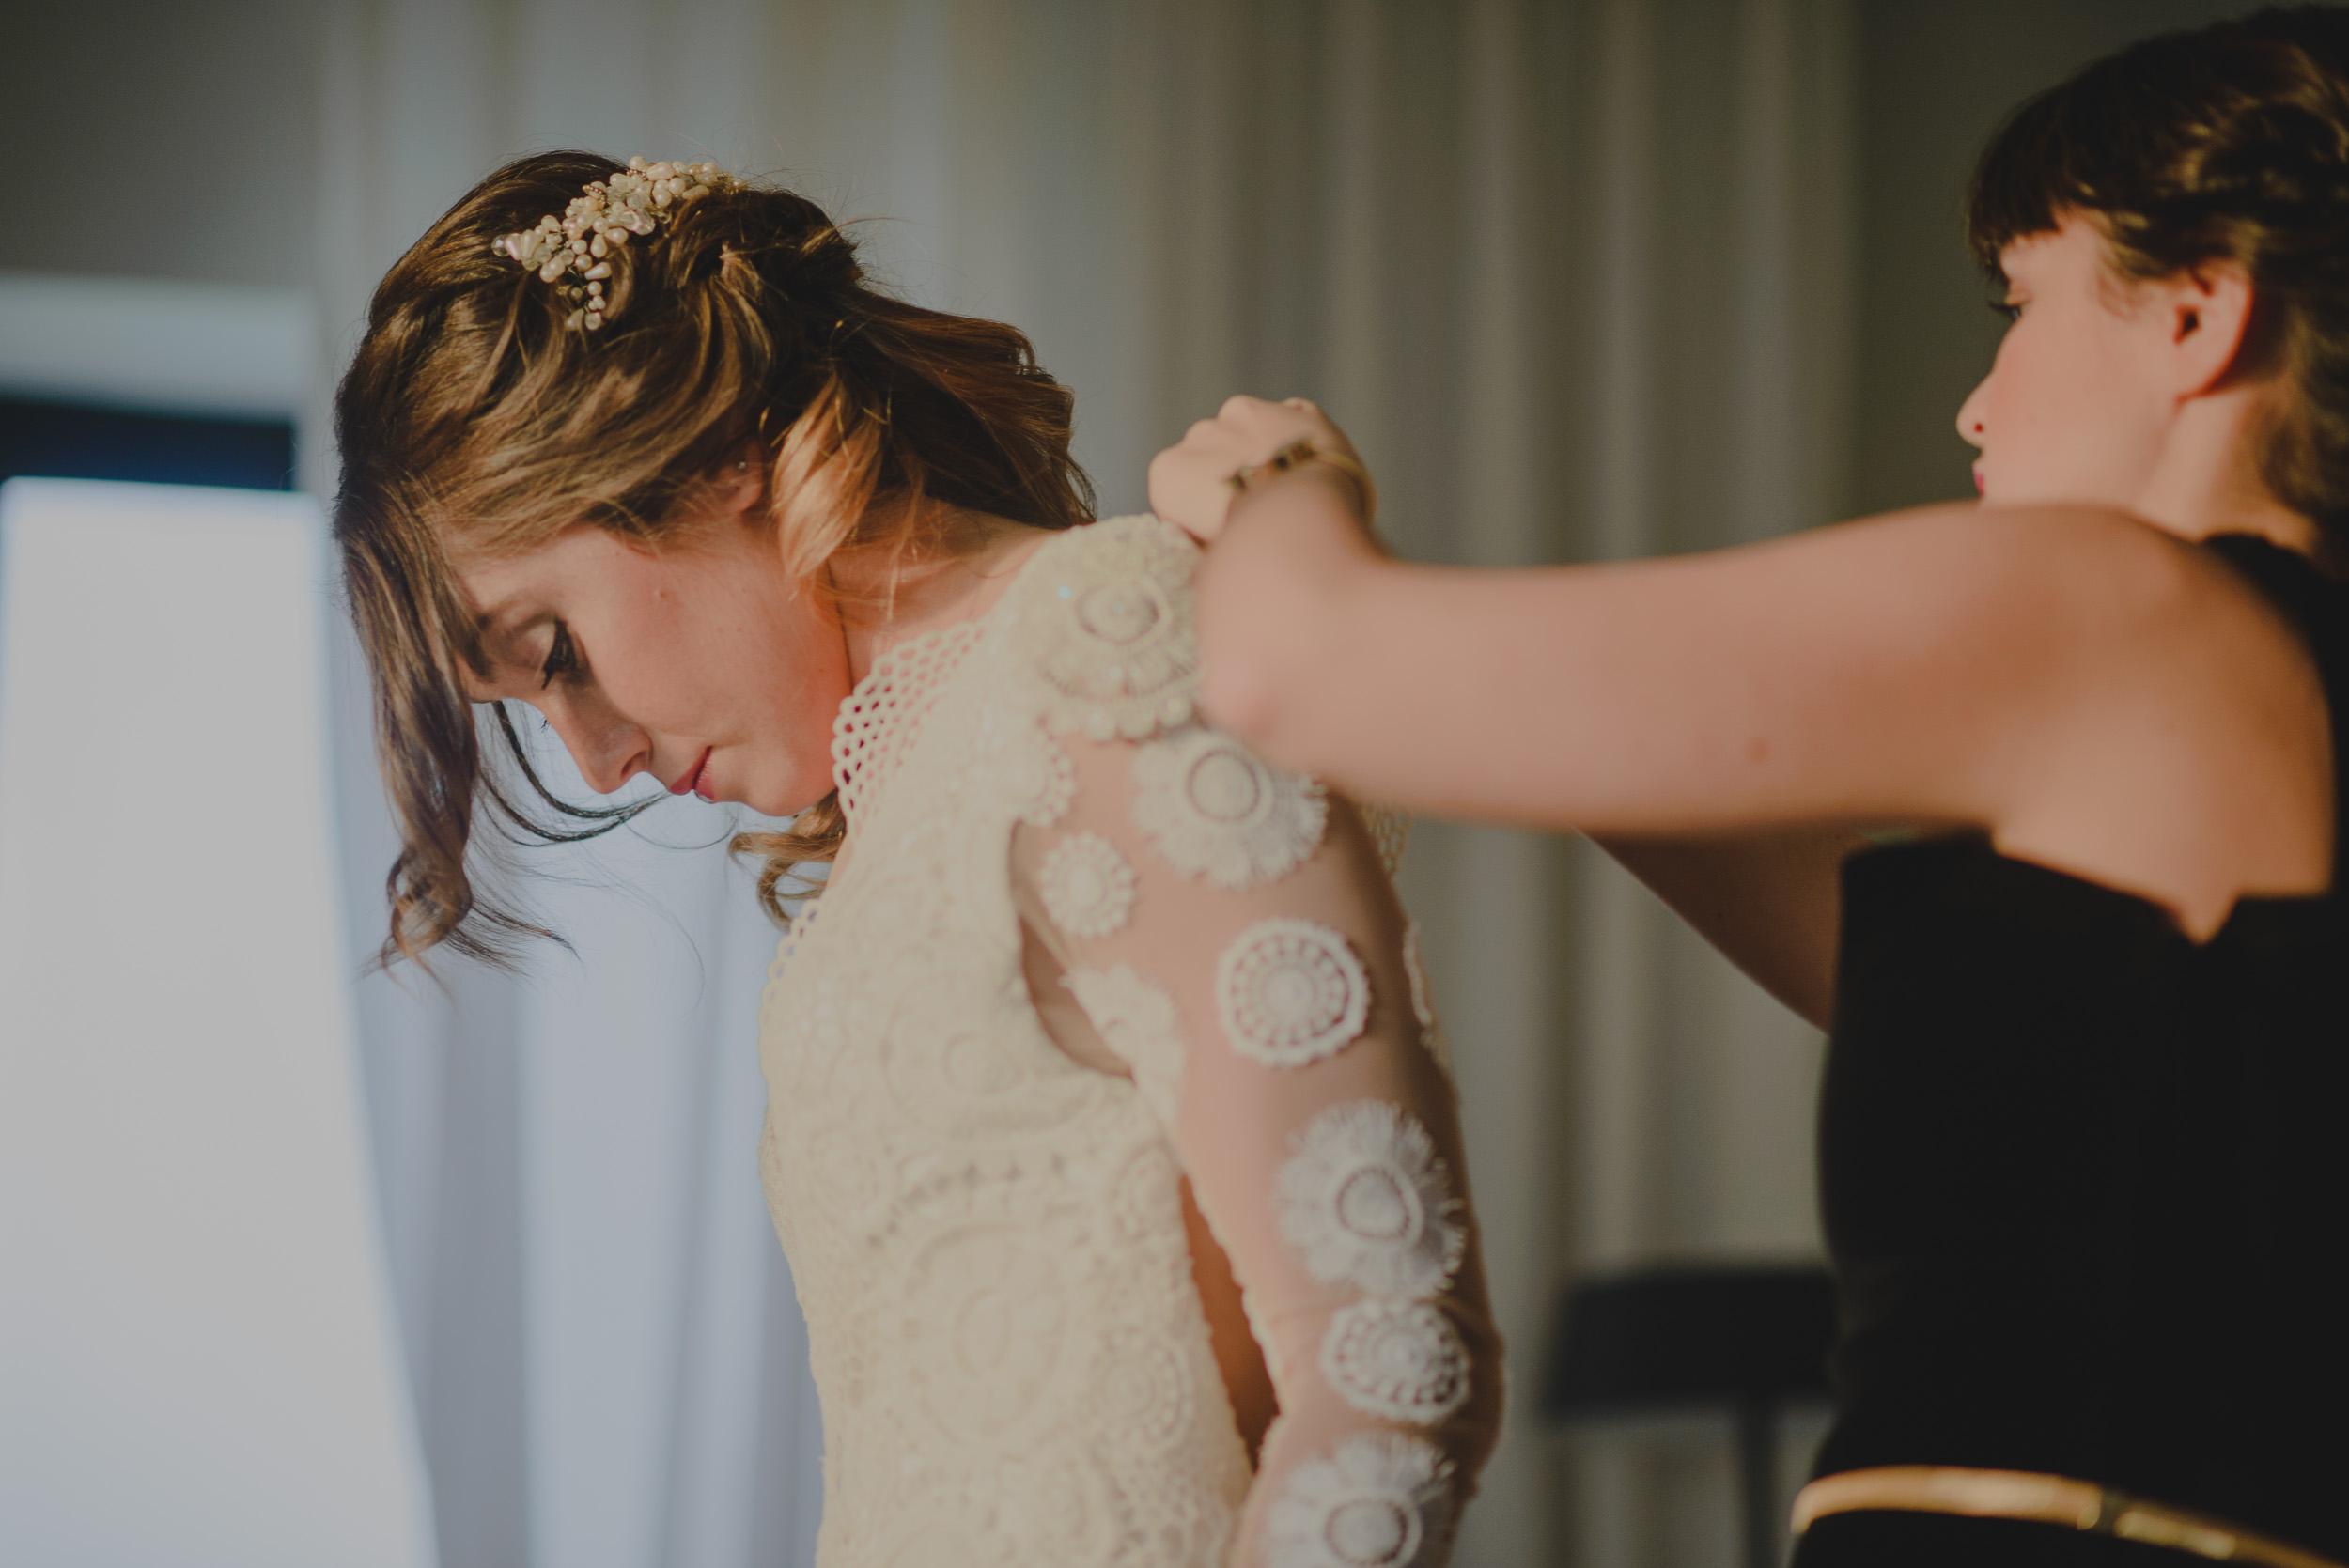 Mati & Juan boda en Bodega Jacksonville , FOTOGRAFIA DE BODA POITEVIN LOPEZ-28